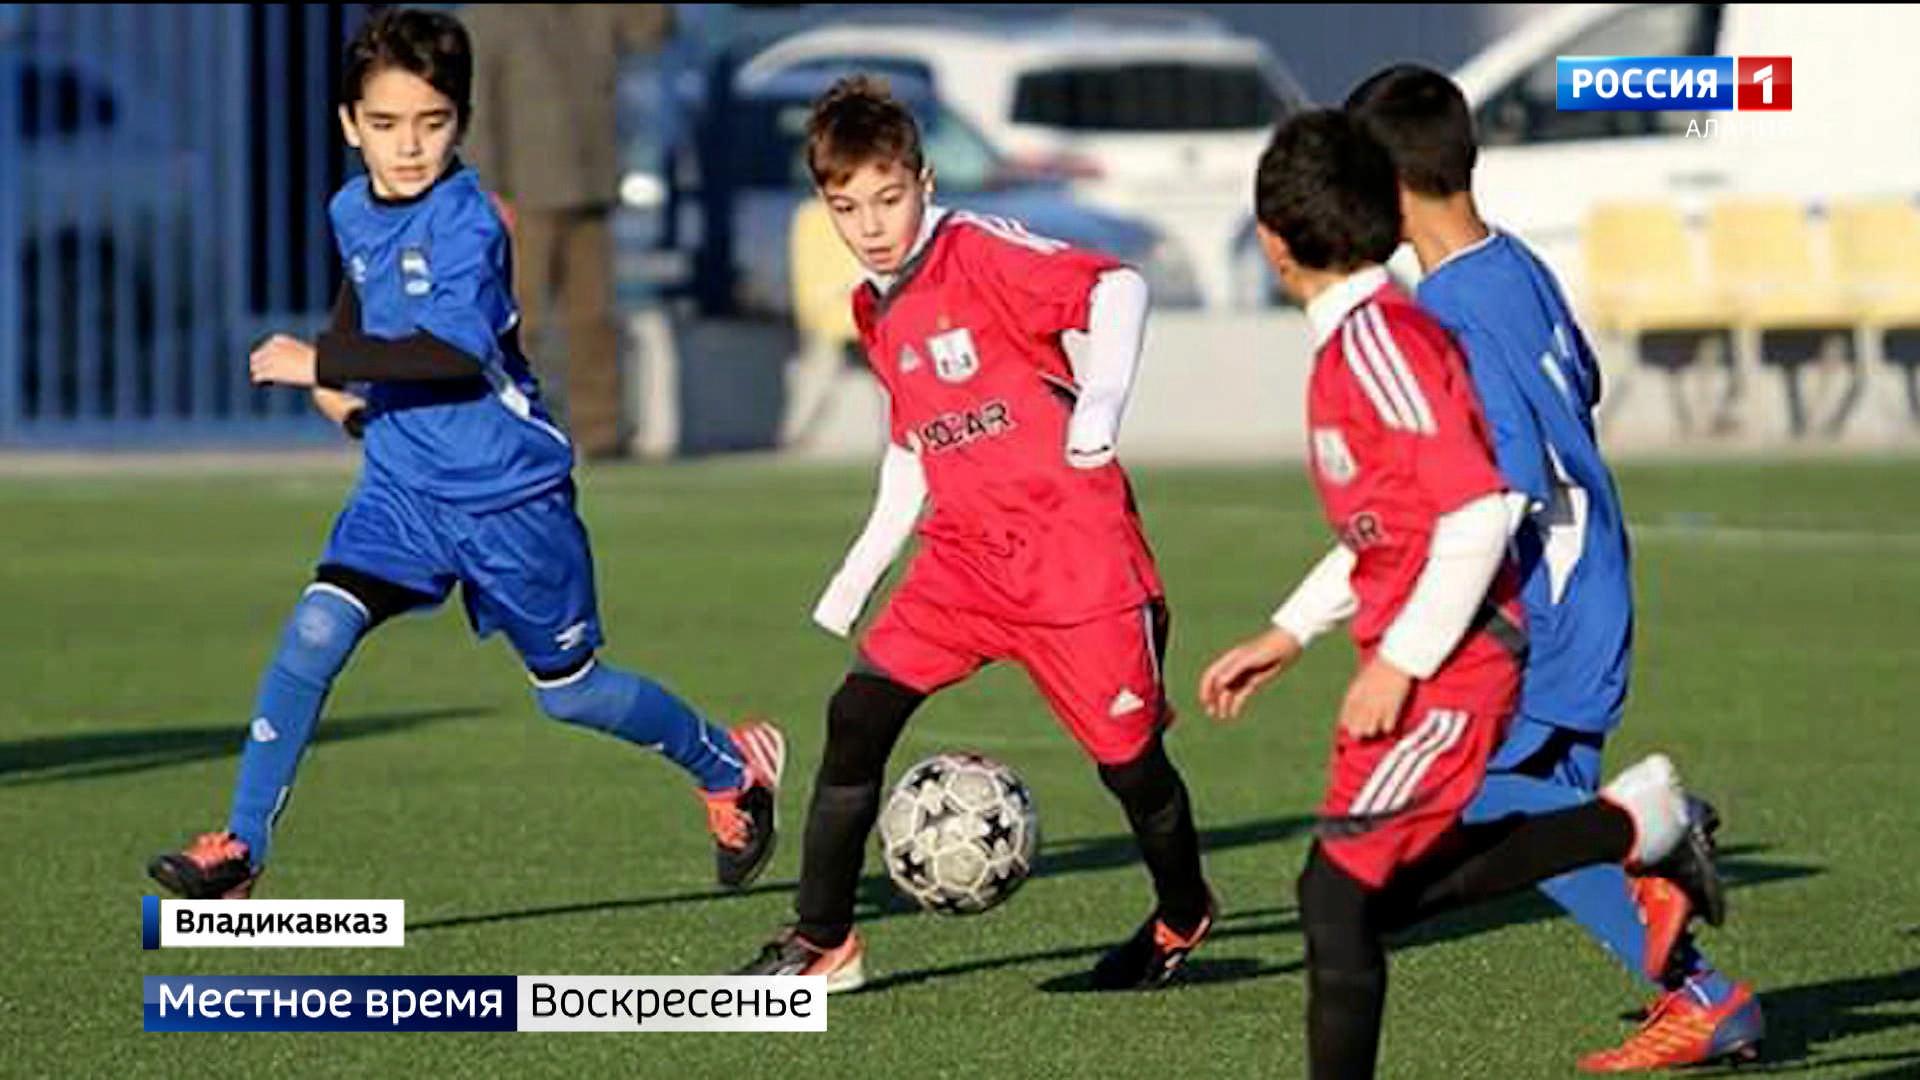 Равнение на великих: кого считают своими кумирами юные футболисты Осетии